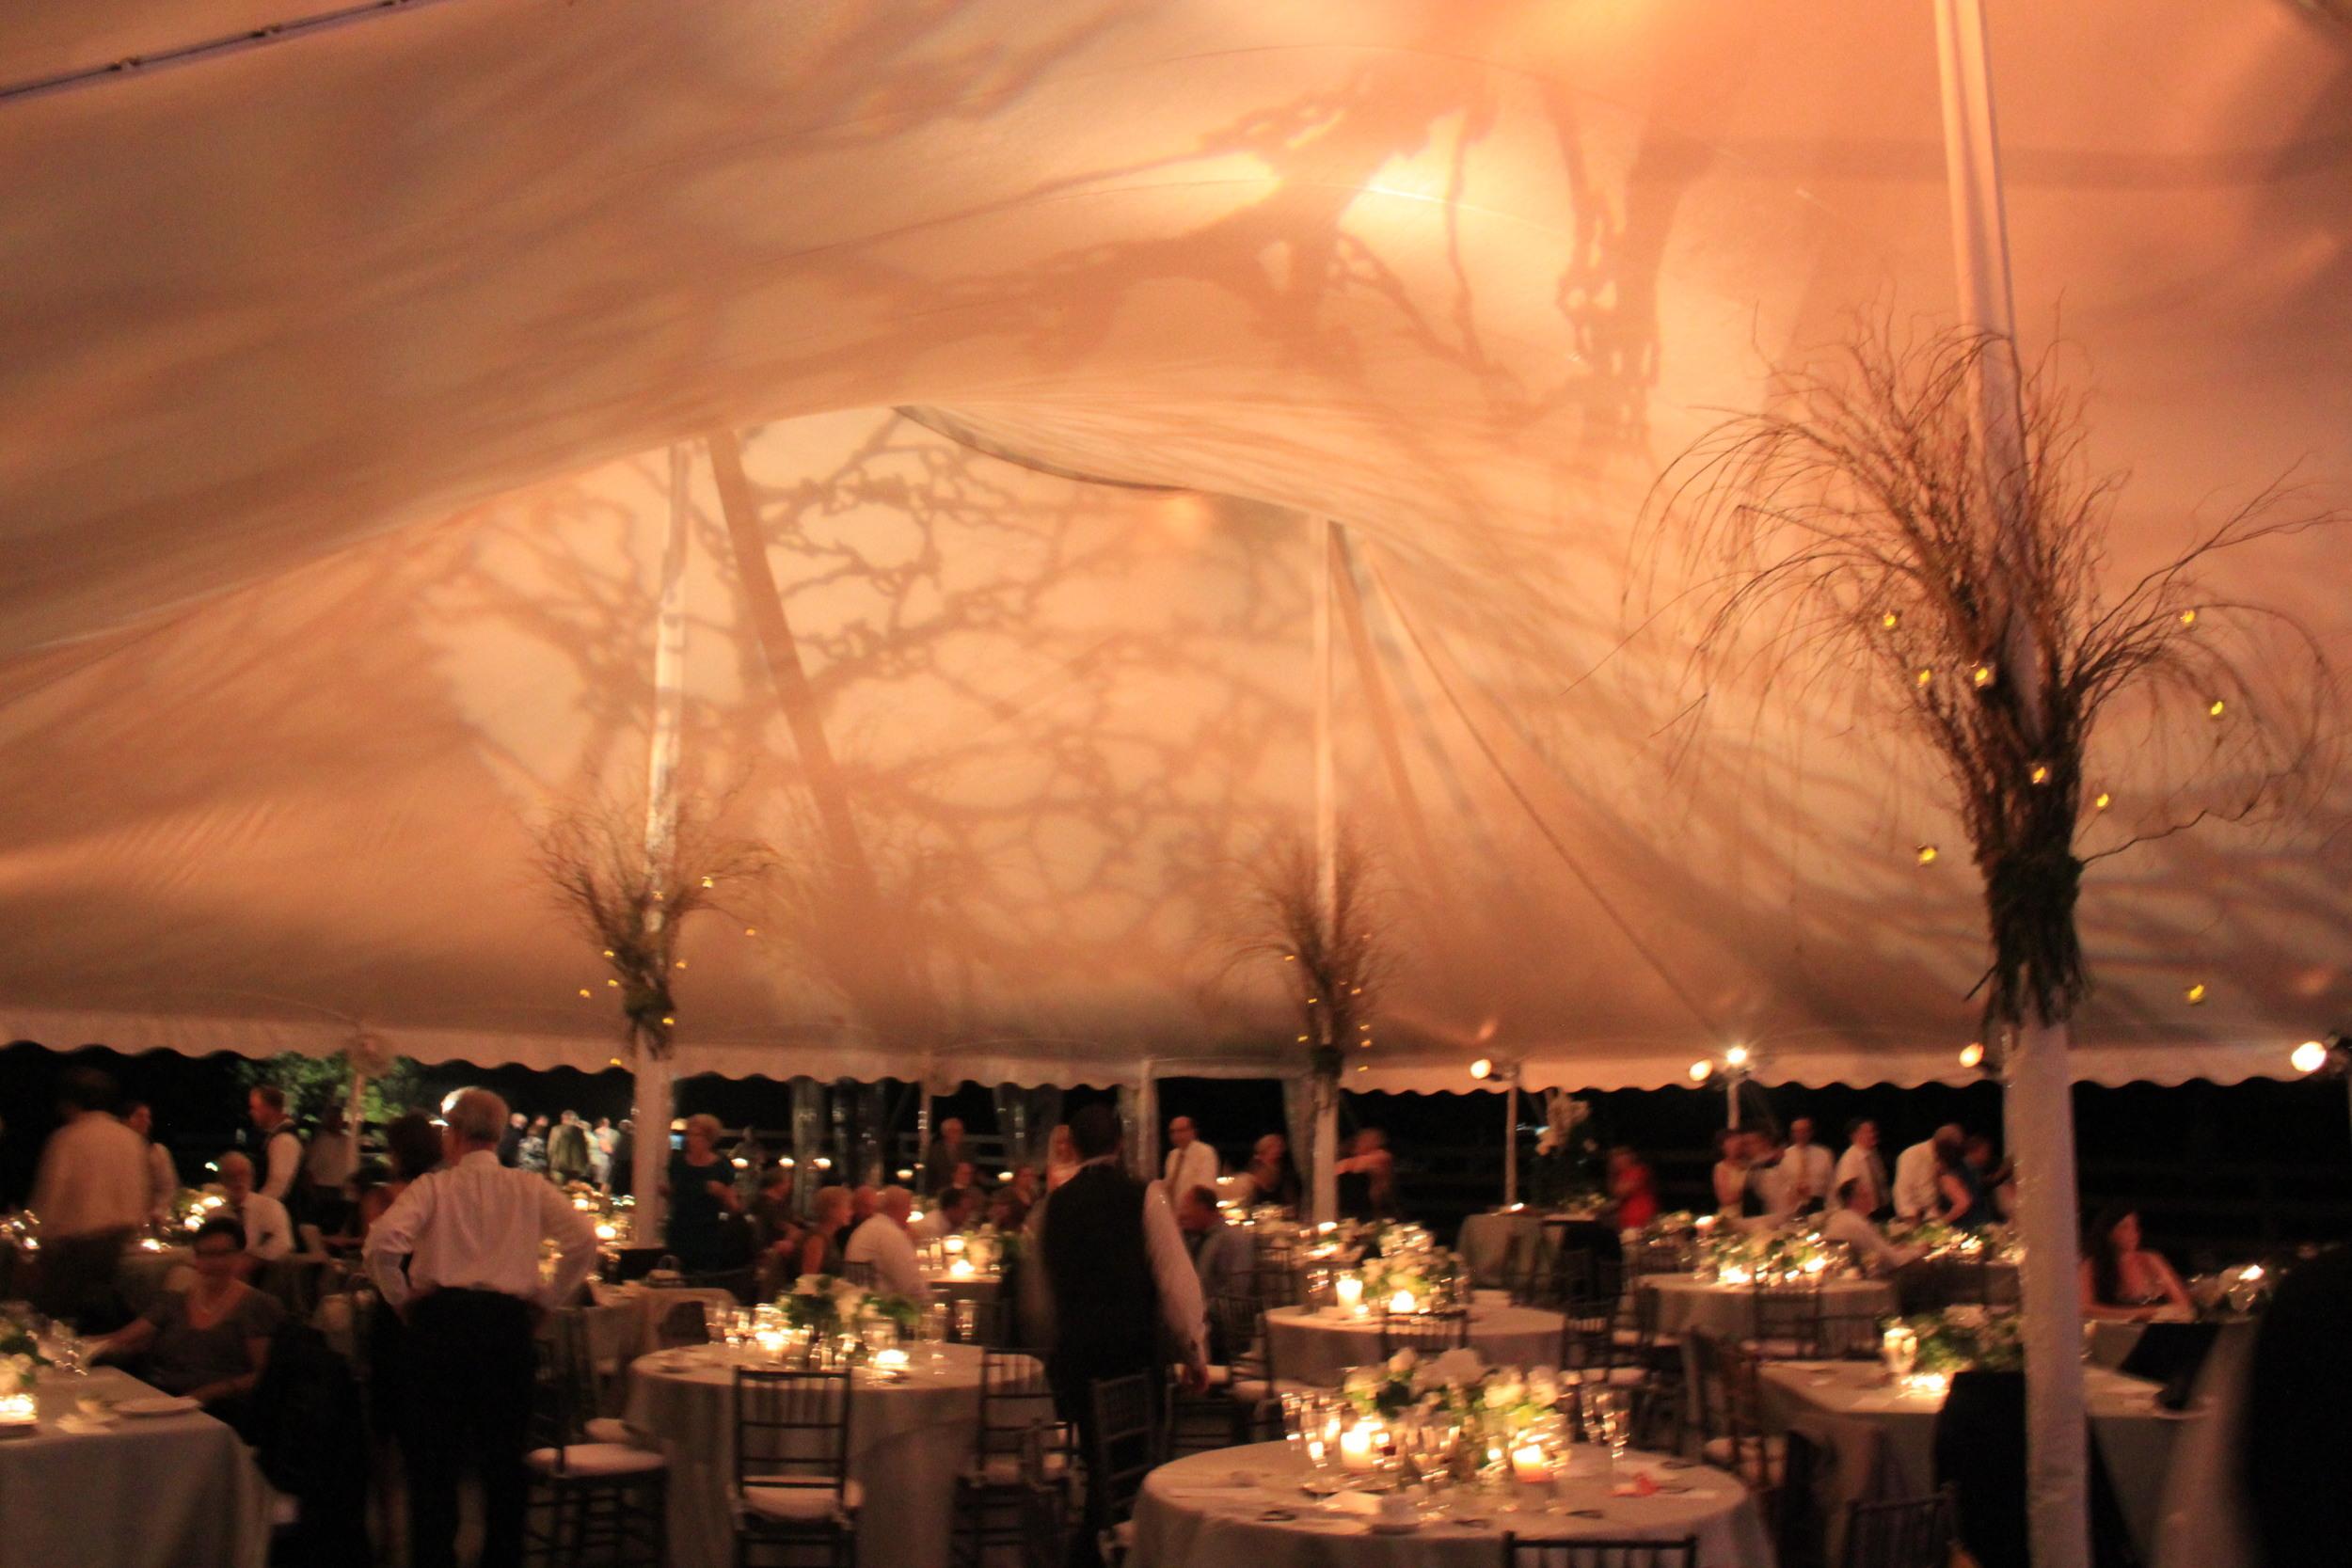 Pennsylvania wedding tent rentals